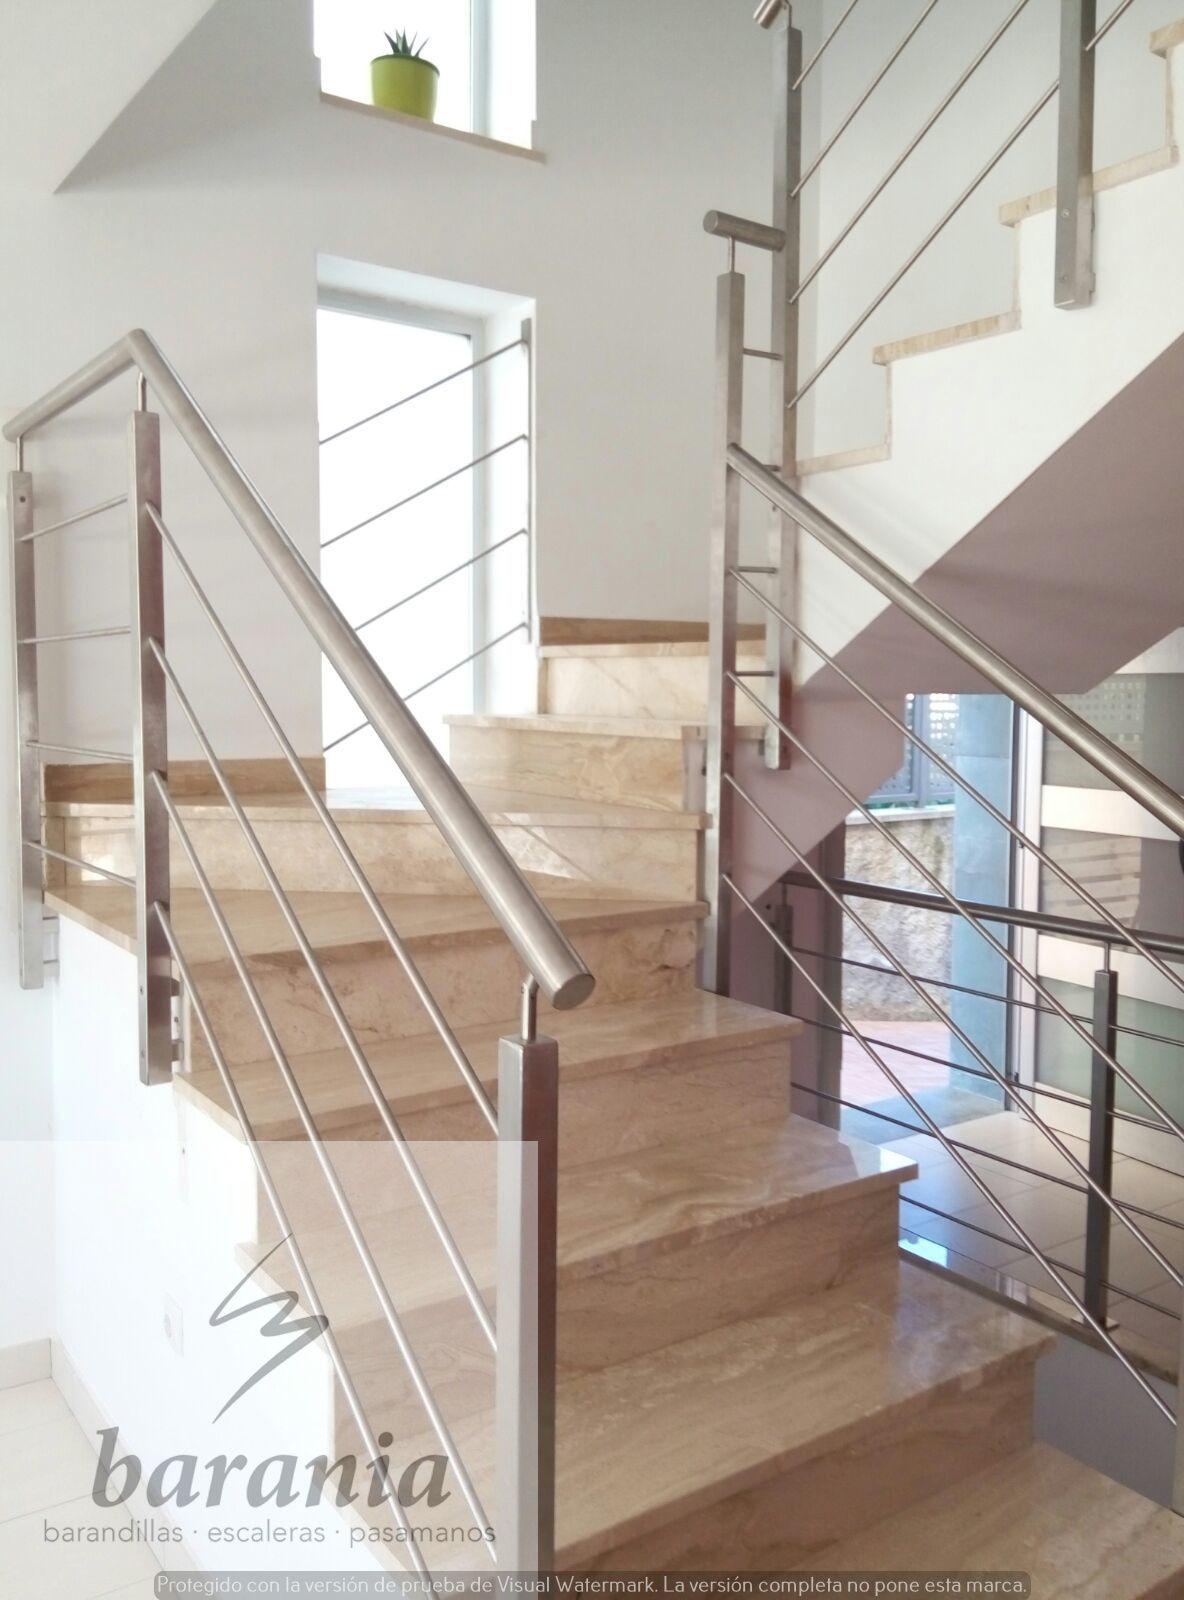 Barandilla de acero inoxidable con varillas horizontales - Barandillas para escaleras interiores modernas ...